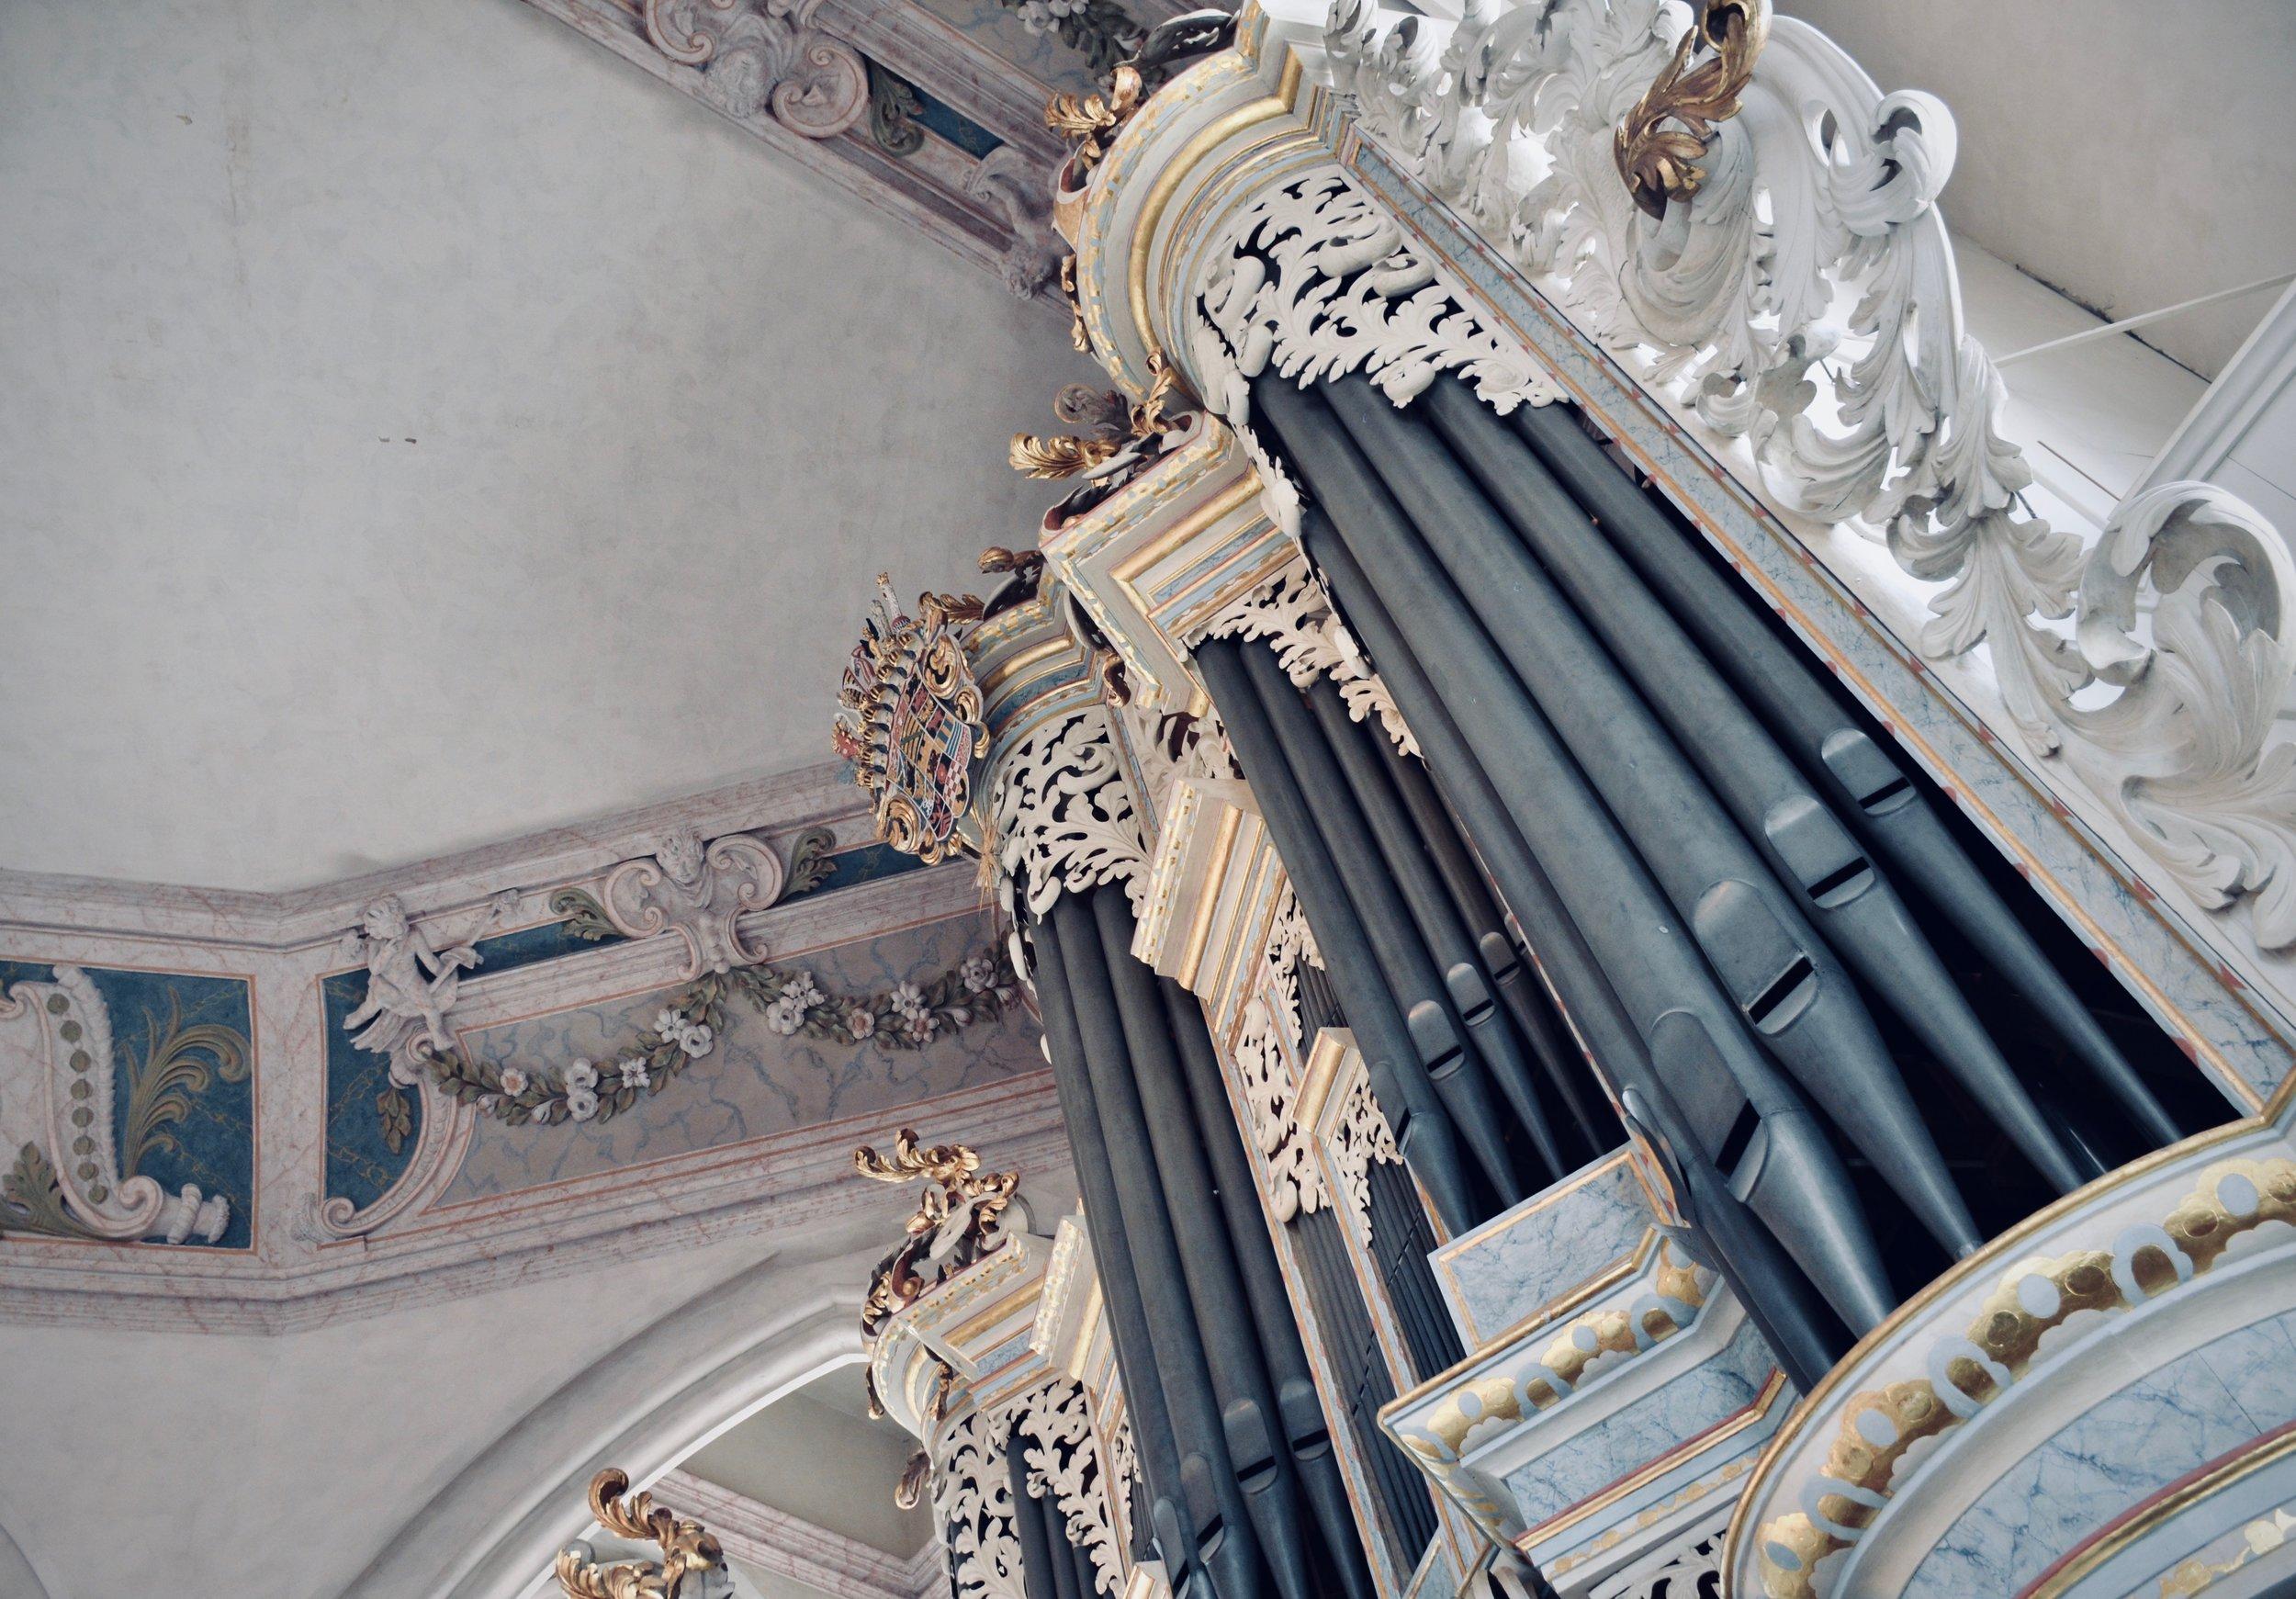 Facade detail, 1746 Hildebrandt Organ, Stadtkirche St. Wenzel, Naumburg.